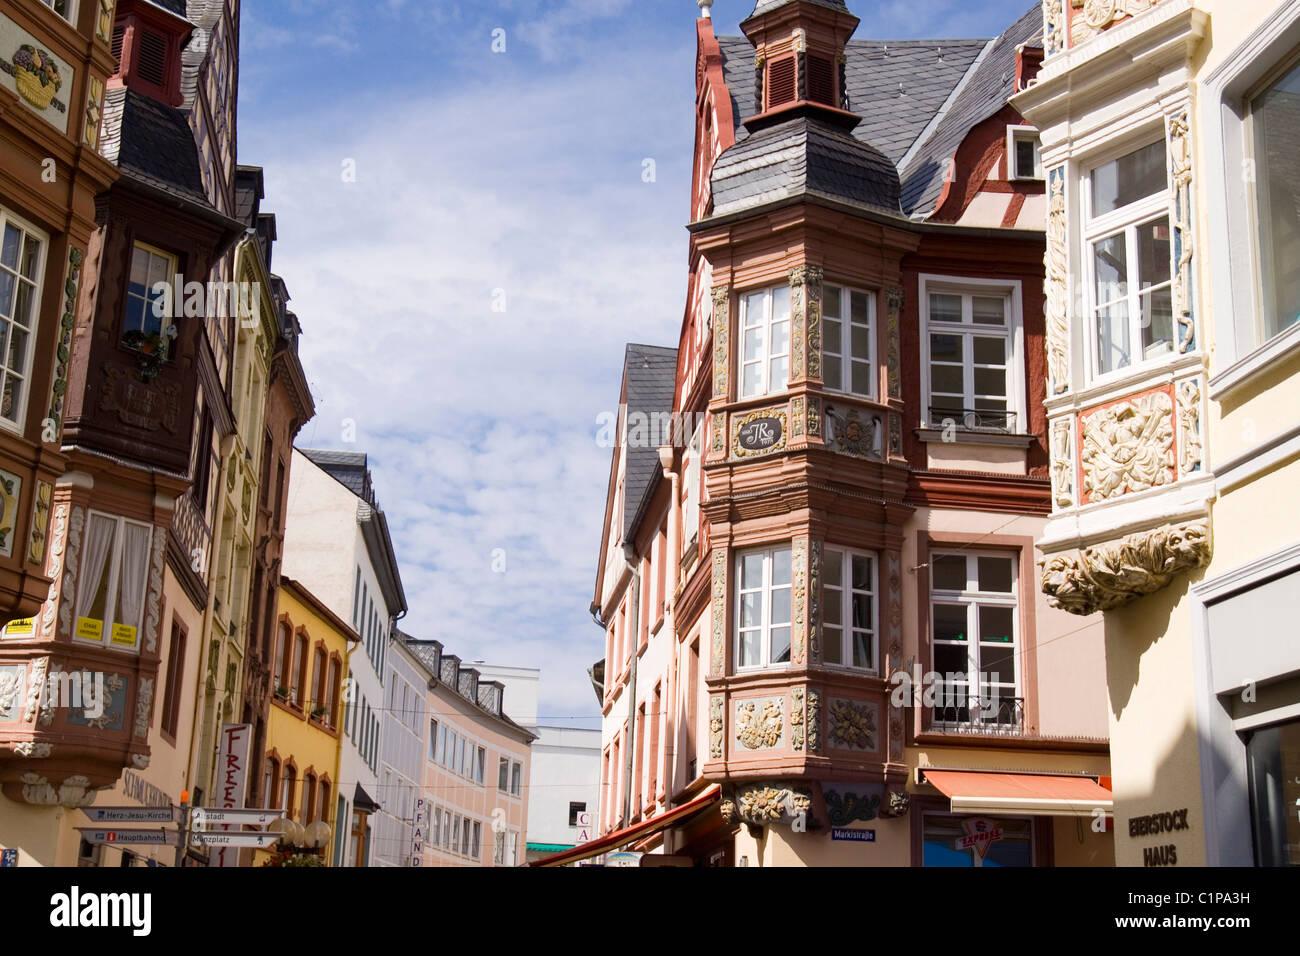 Deutschland, Koblenz, Fassaden Stockbild